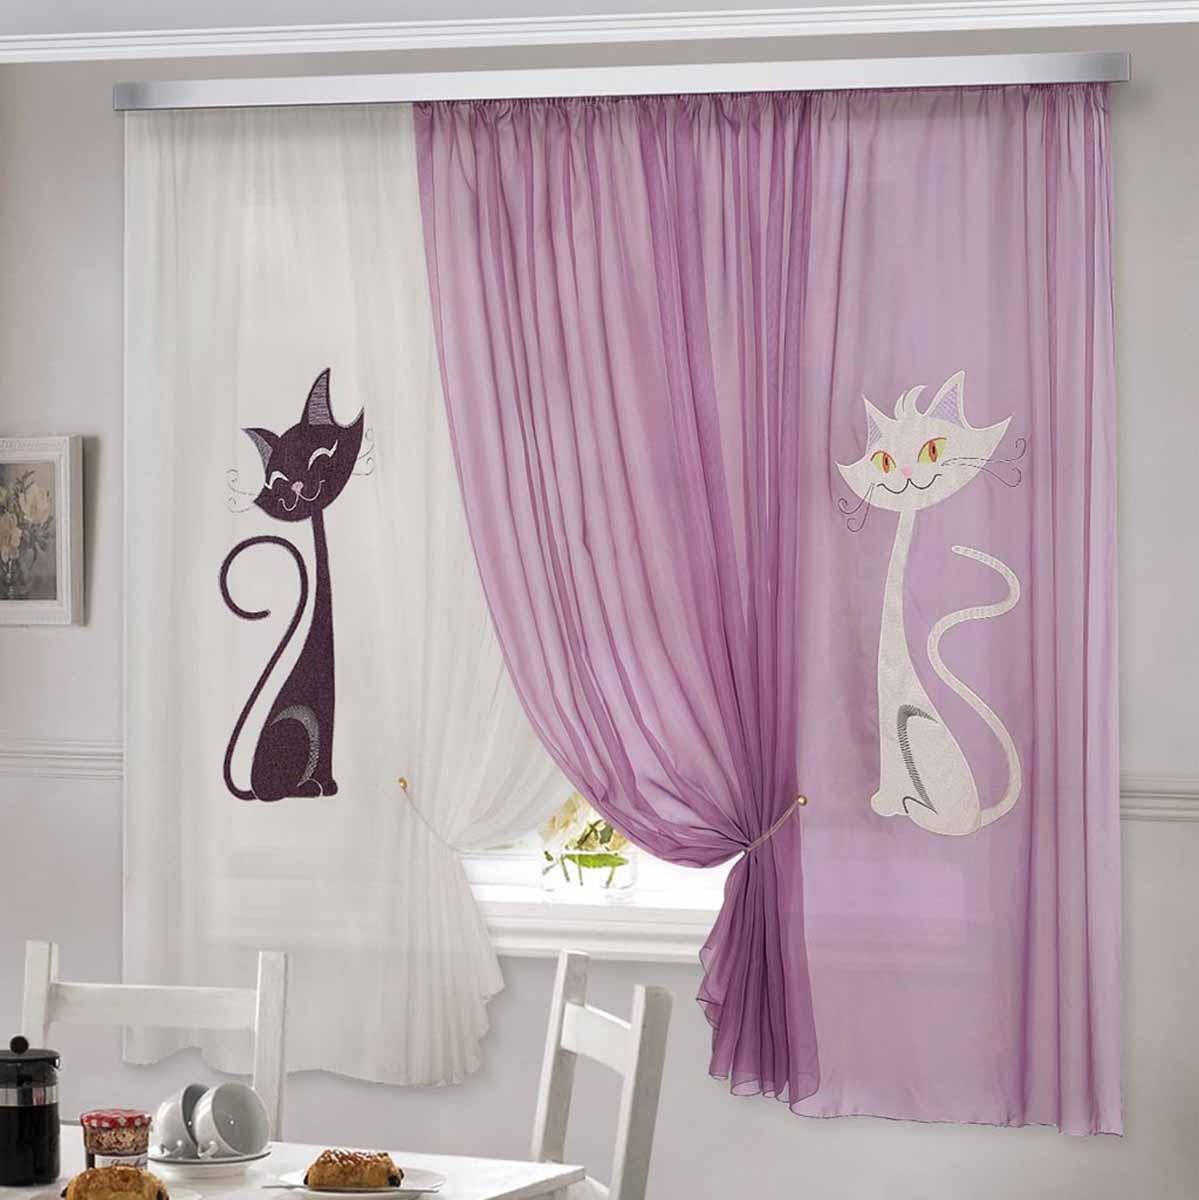 Комплект штор ТД Текстиль Кэти, на ленте, цвет: сиреневый, белый, высота 180 см92333Шторы выполнены из вуалевого полотна с аппликацией в виде кошек. Стирать аккуратно, не более 30-40 градусов. Цвета в ассортименте.